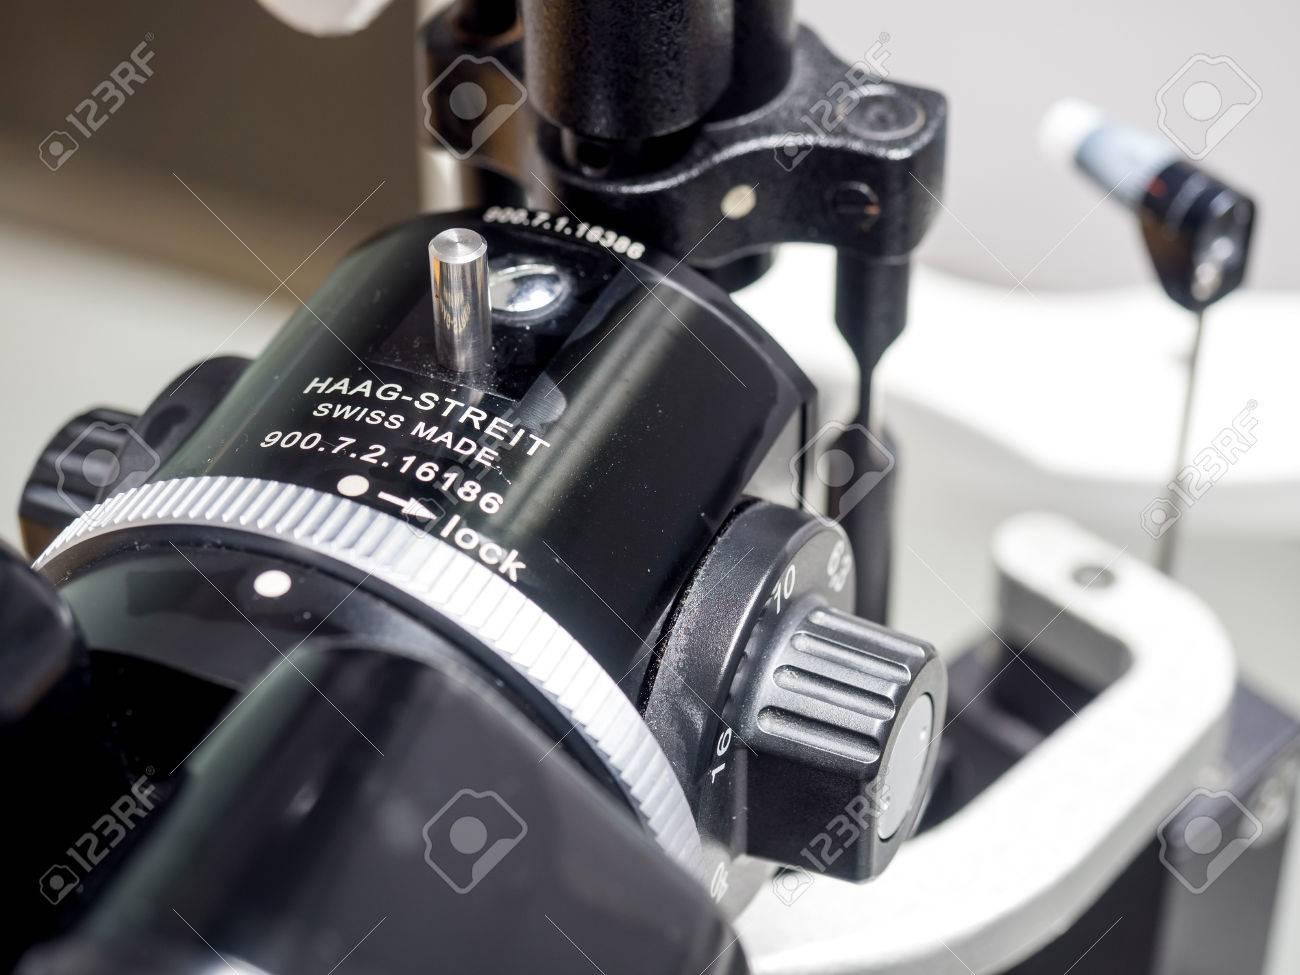 Esame con lampada fessura biomicroscopy del segmento oculare